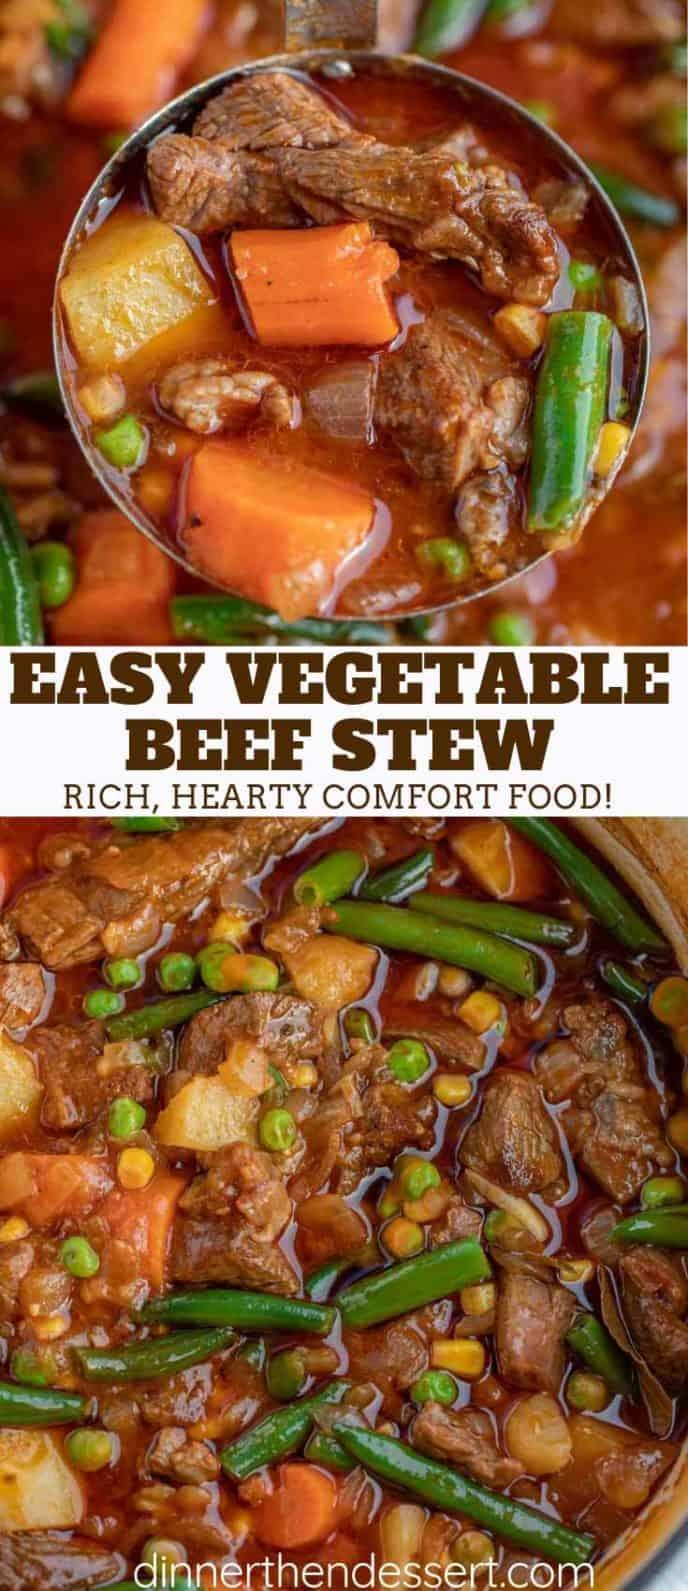 野菜とビーフのリッチなシチュー